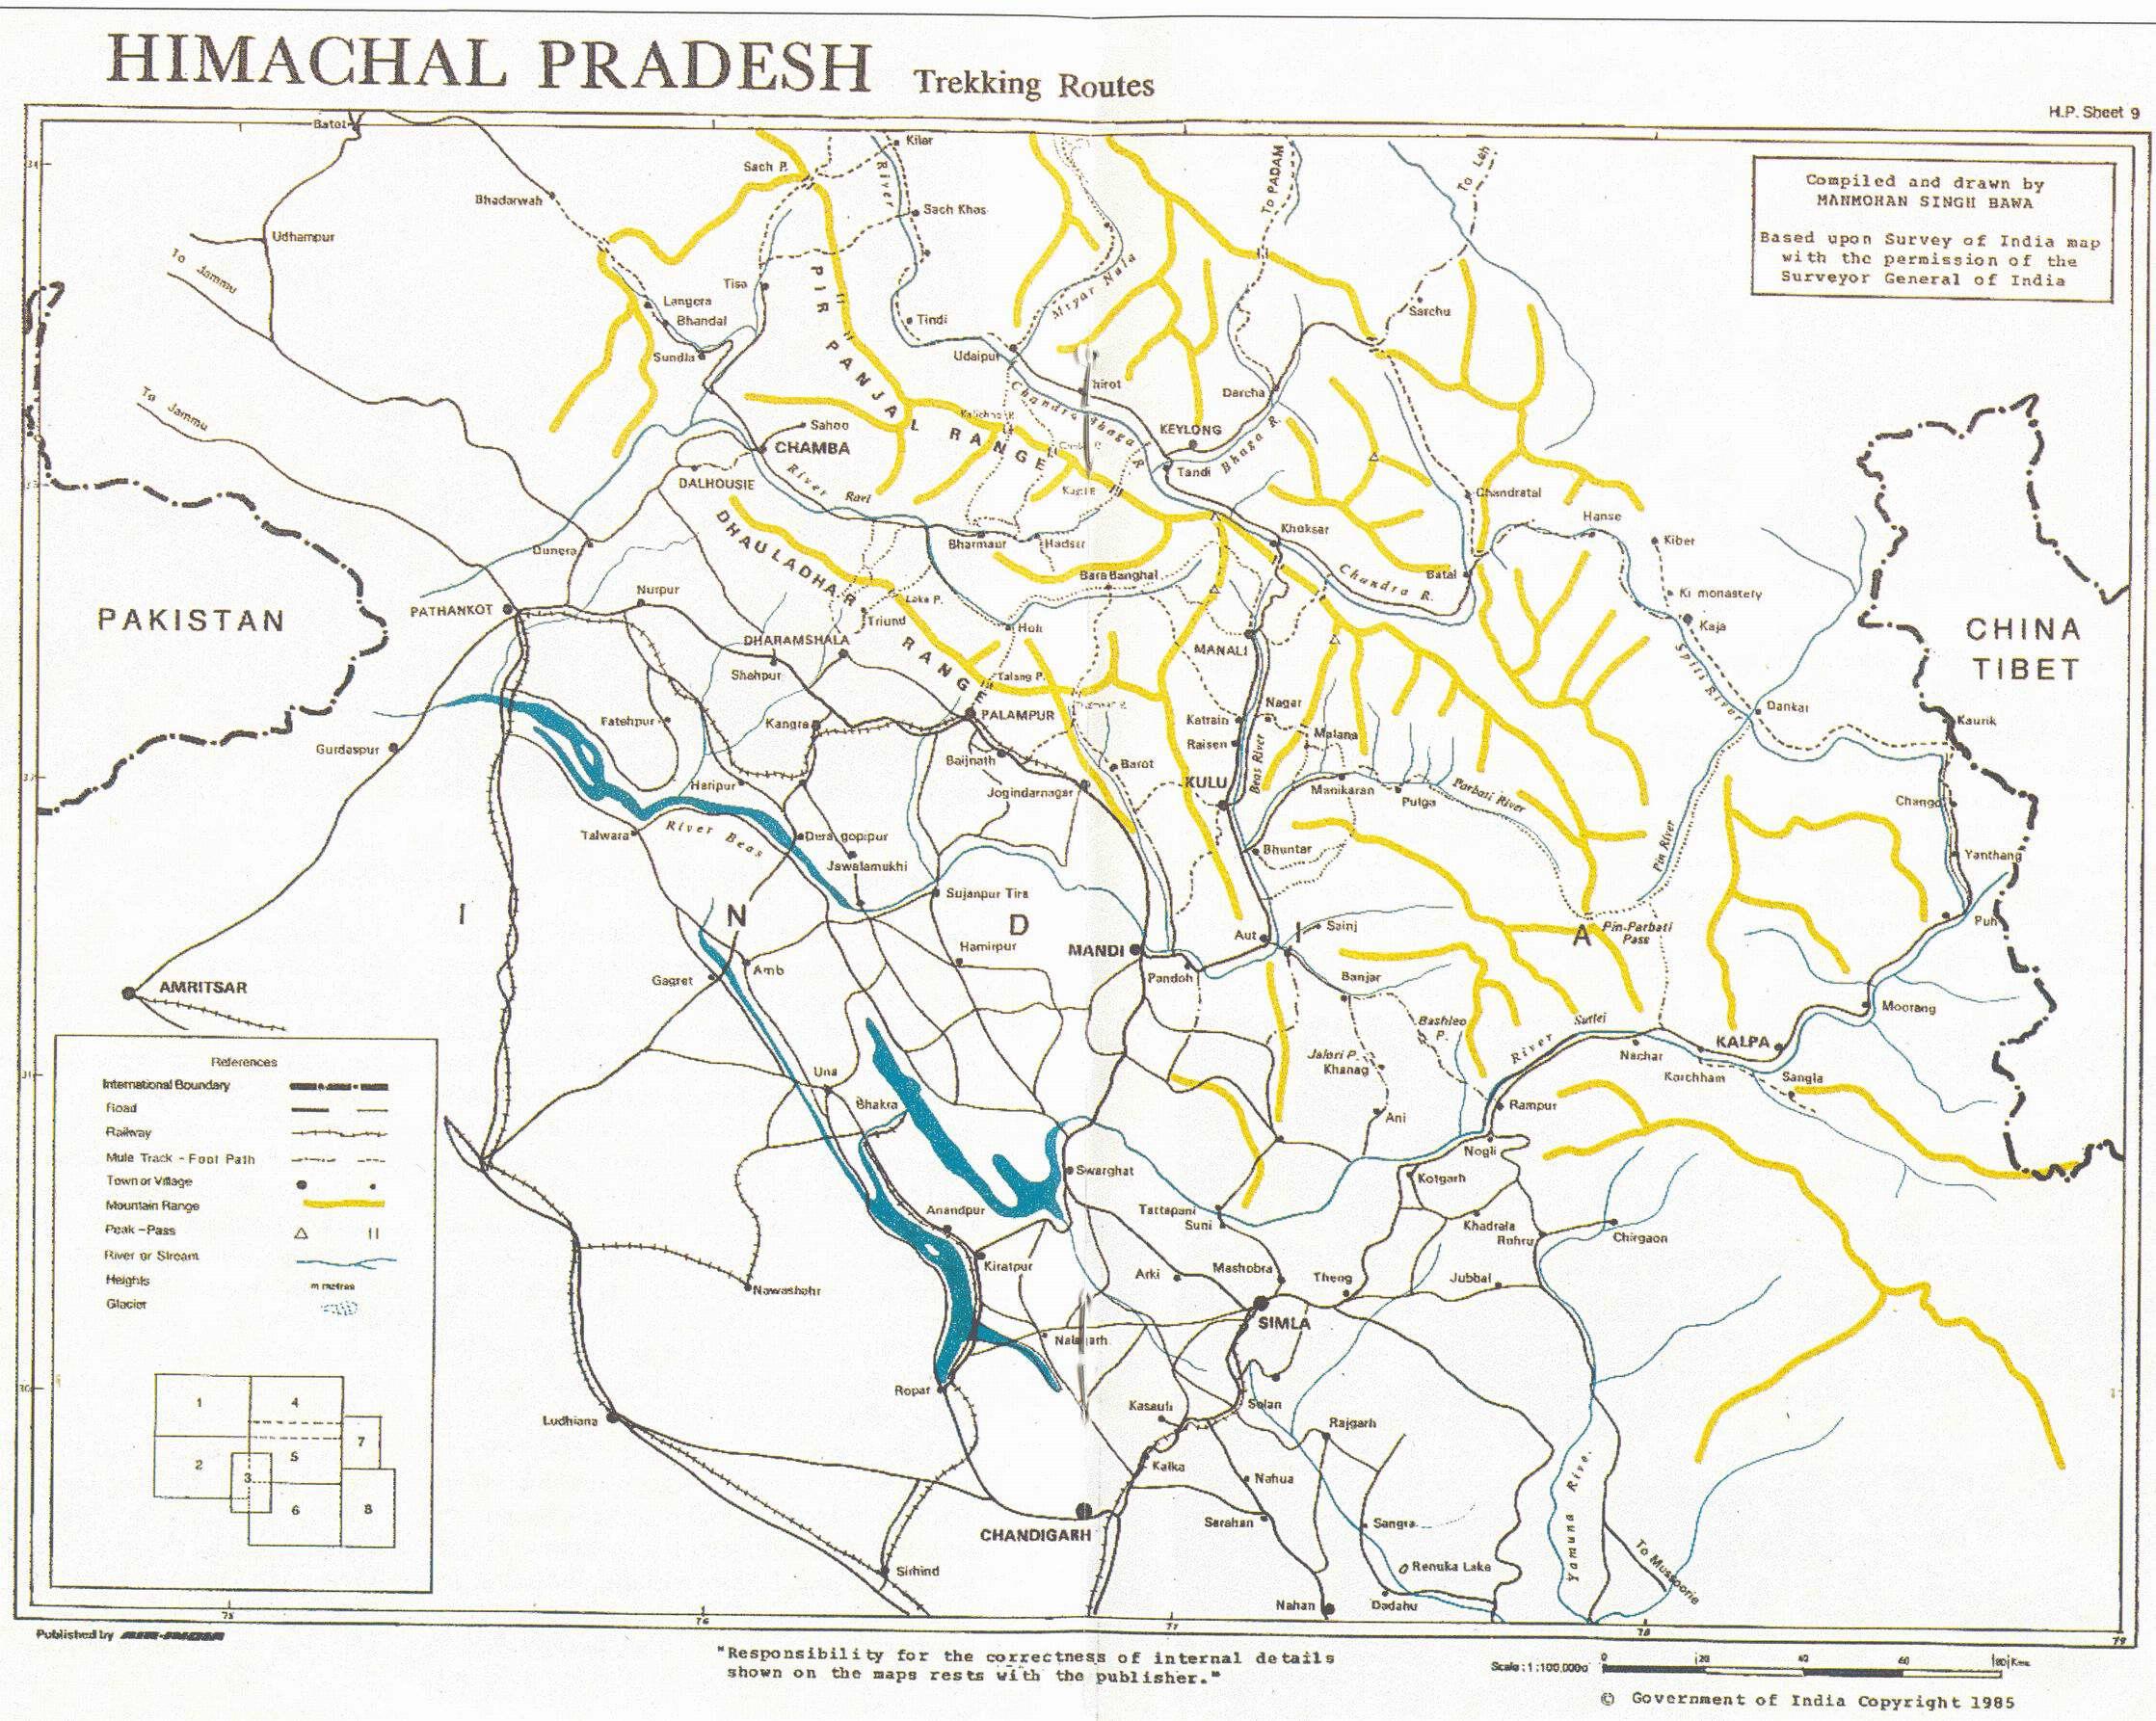 Карта штата Химачал Прадеш: Гималаи, Малый Тибет и равнины (Индия)